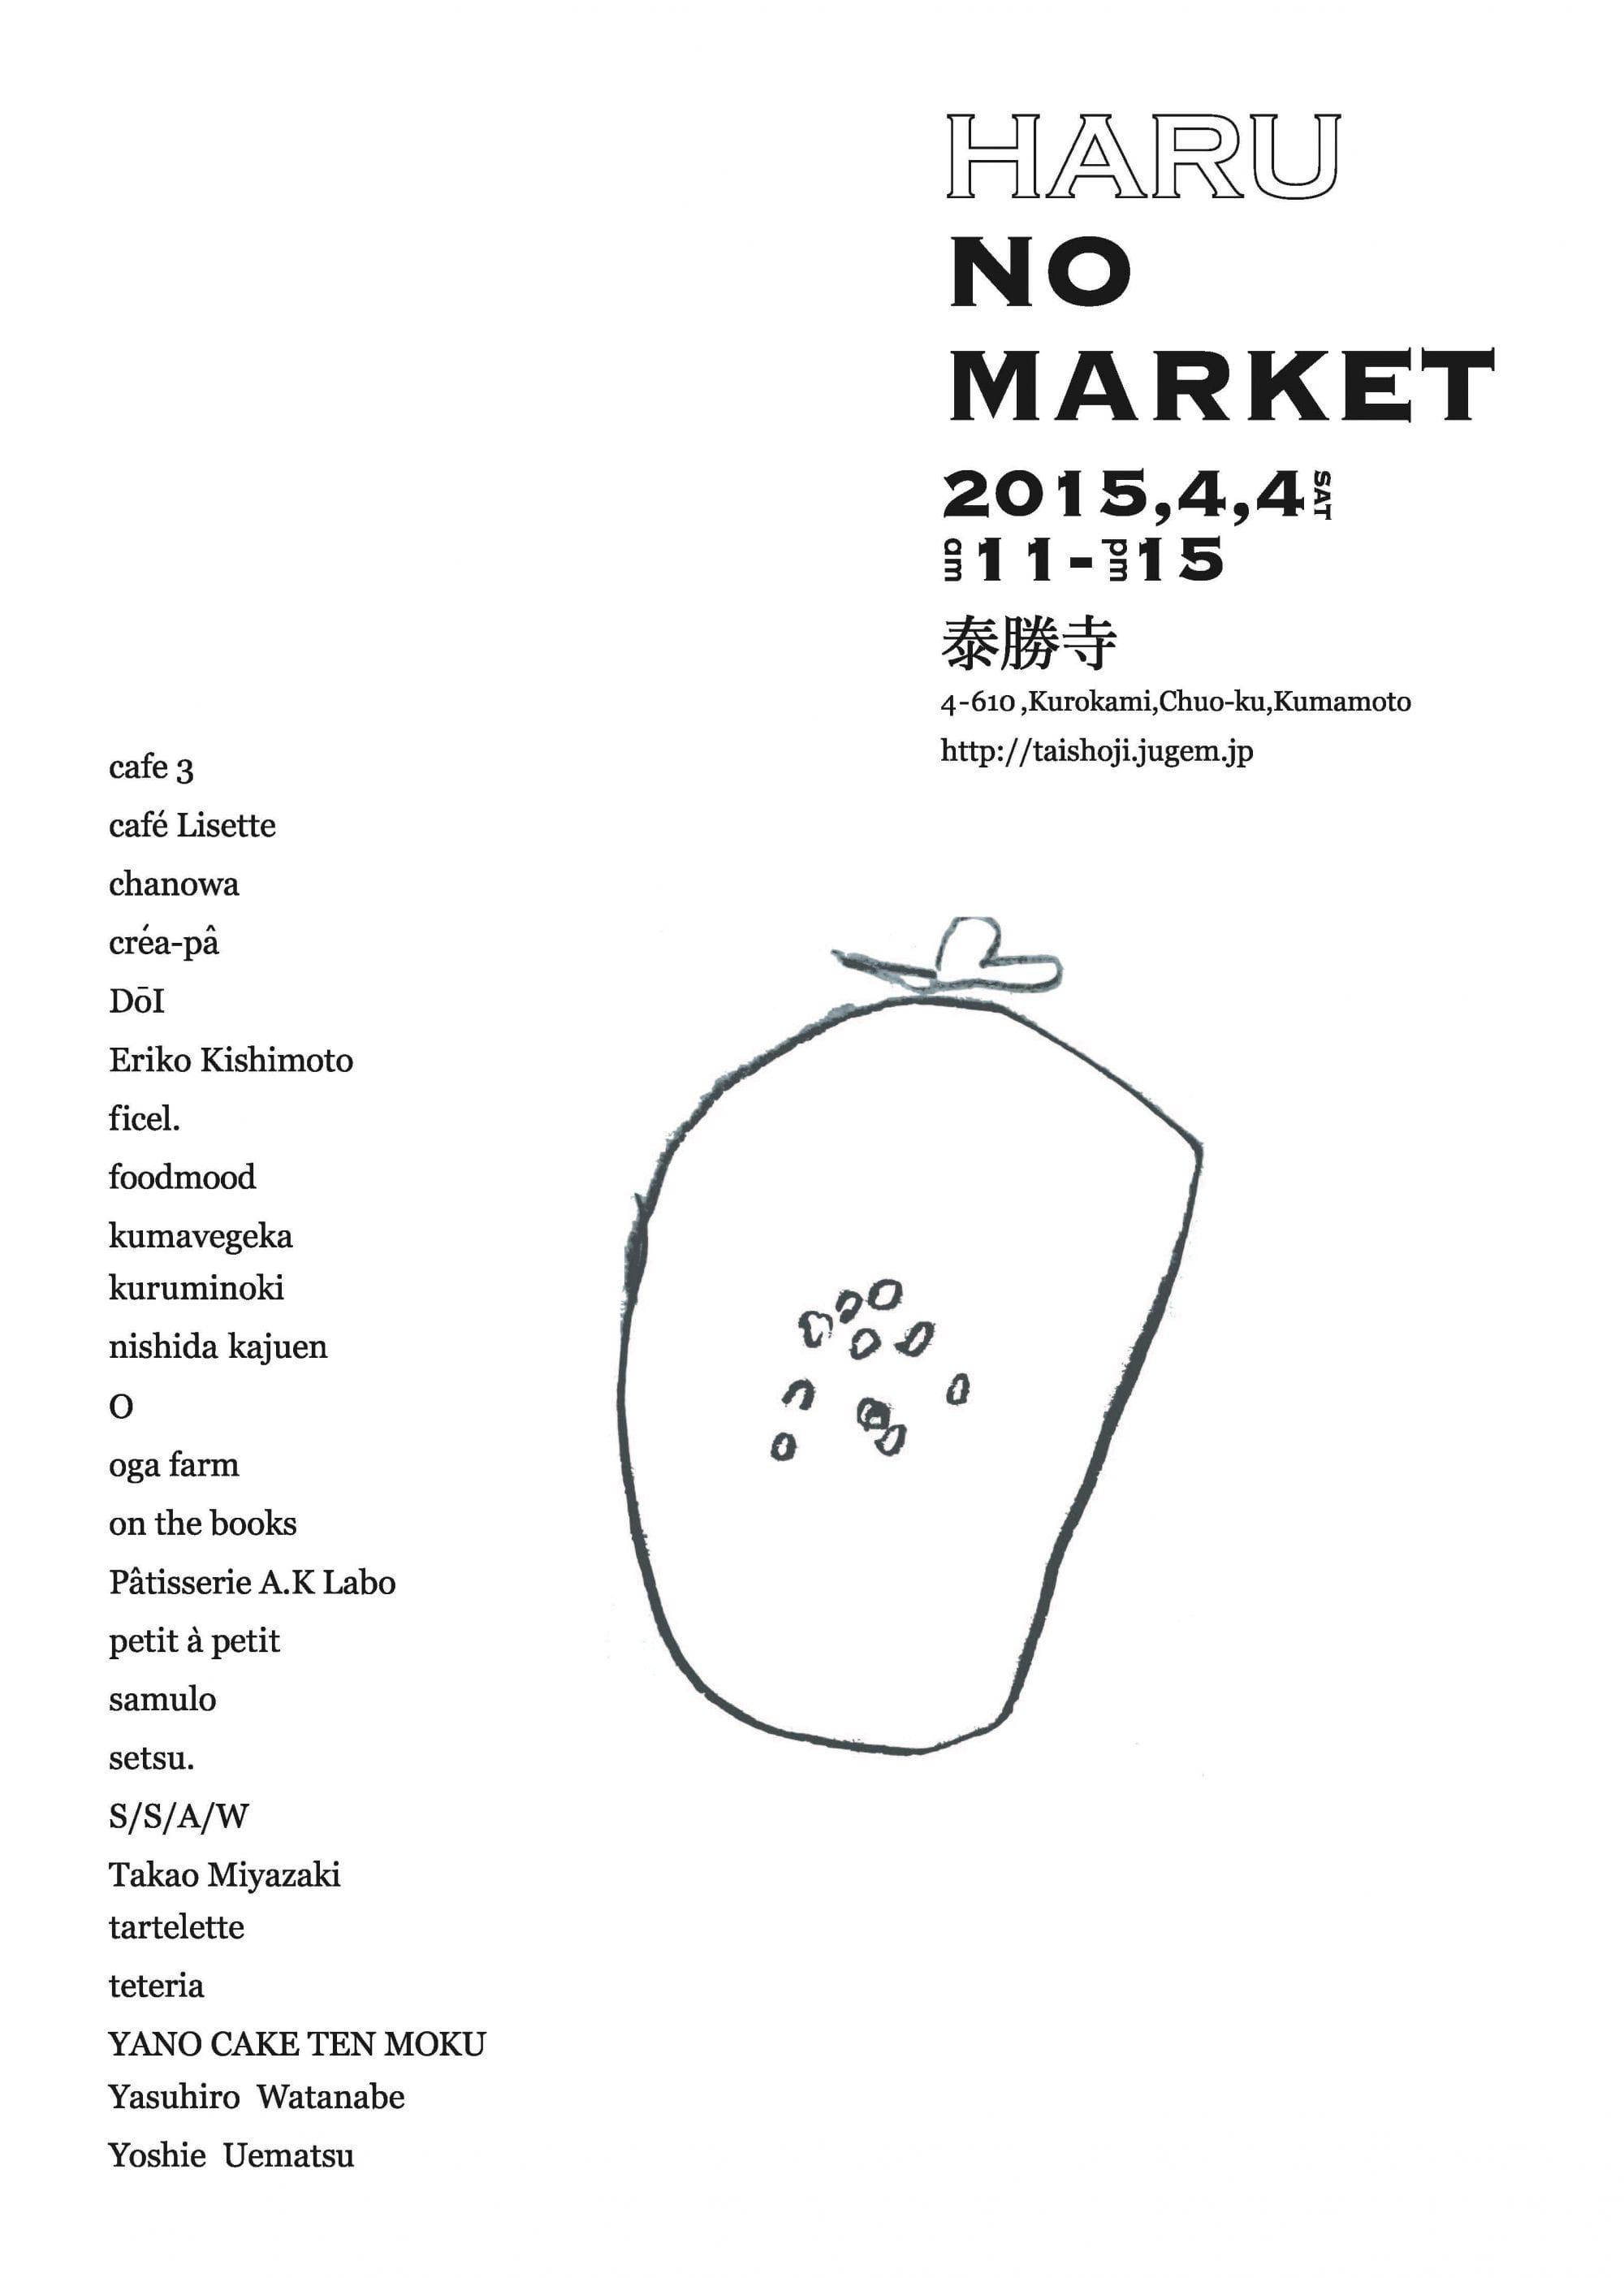 春のマーケット